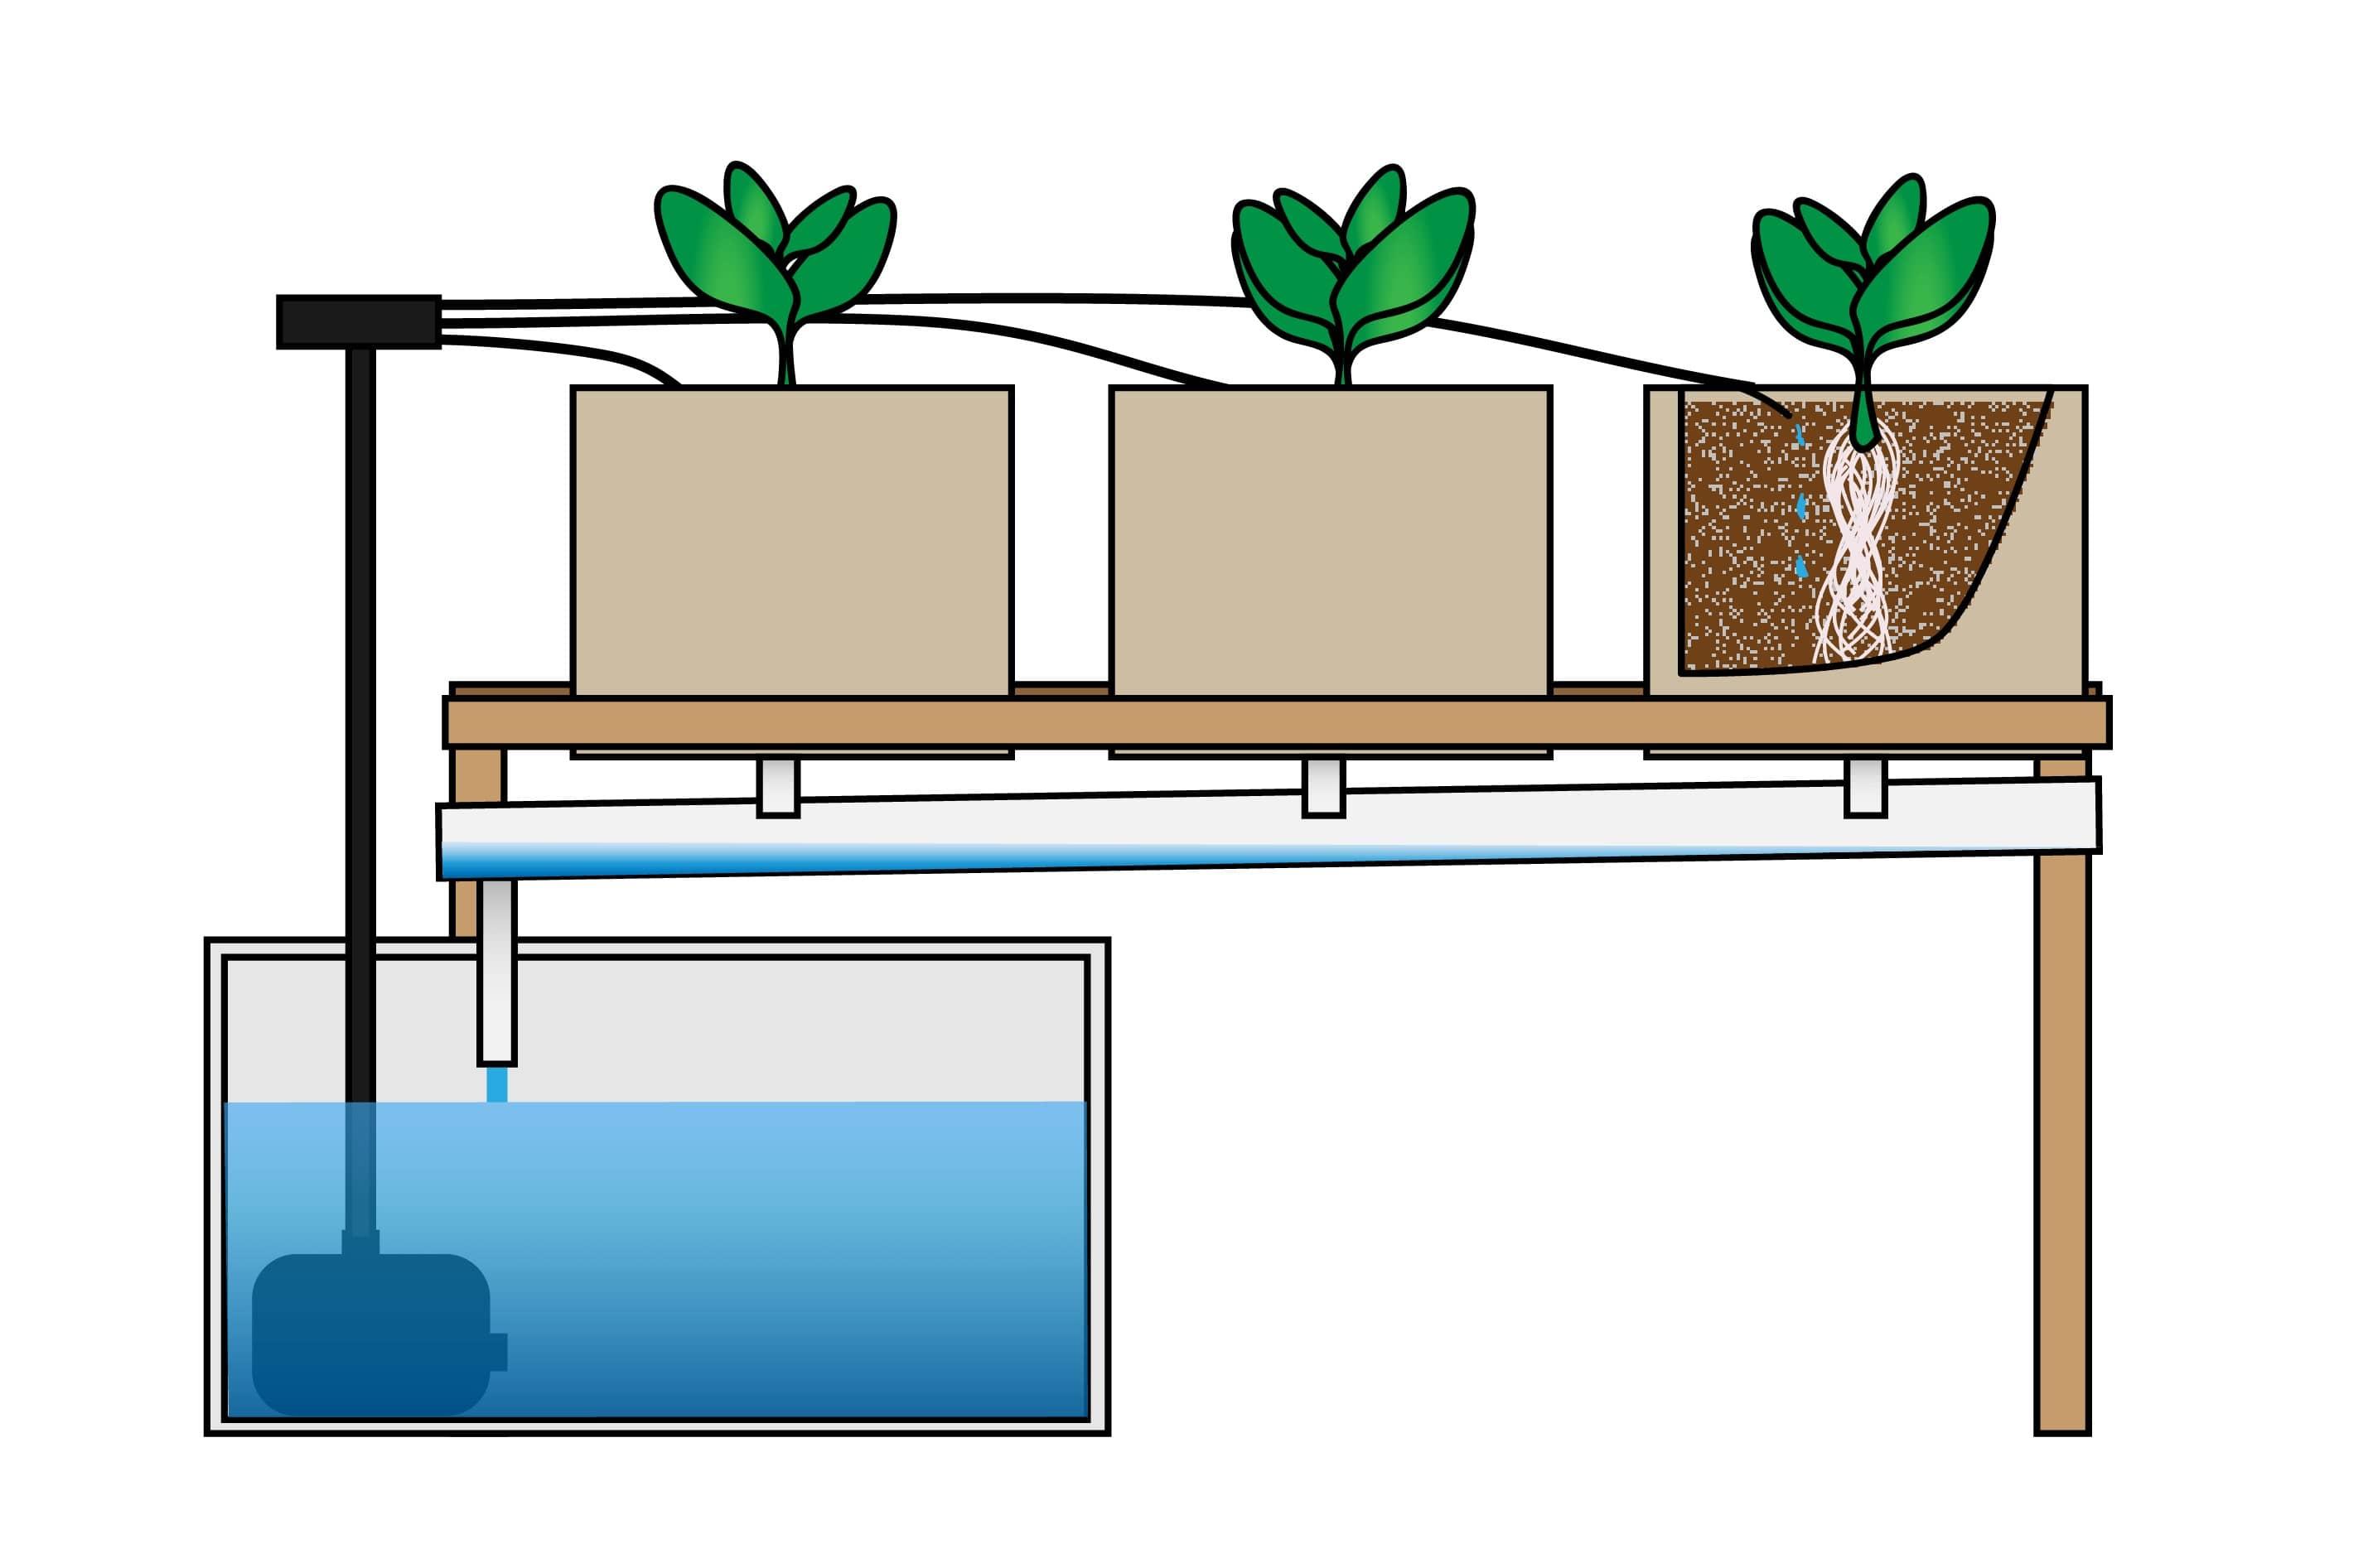 Hệ thống thủy canh nhỏ giọt (Drip hydroponic system)